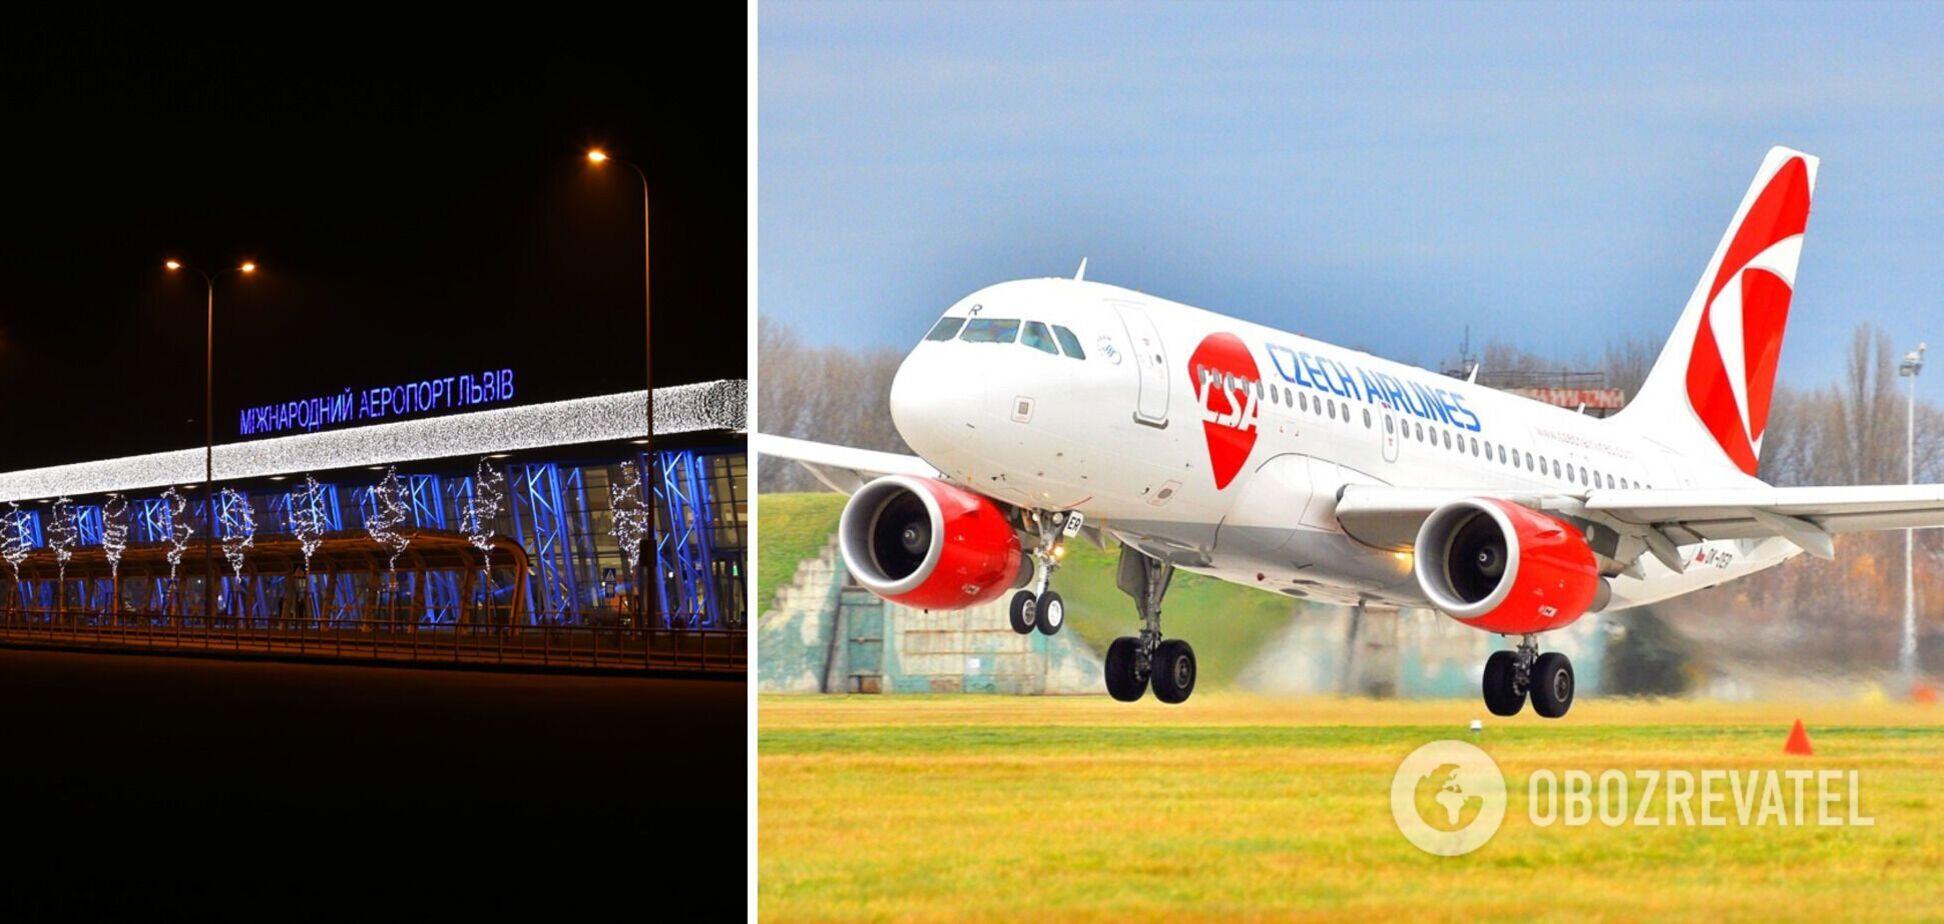 Во Львове экстренно посадили самолет из Чехии: названа причина